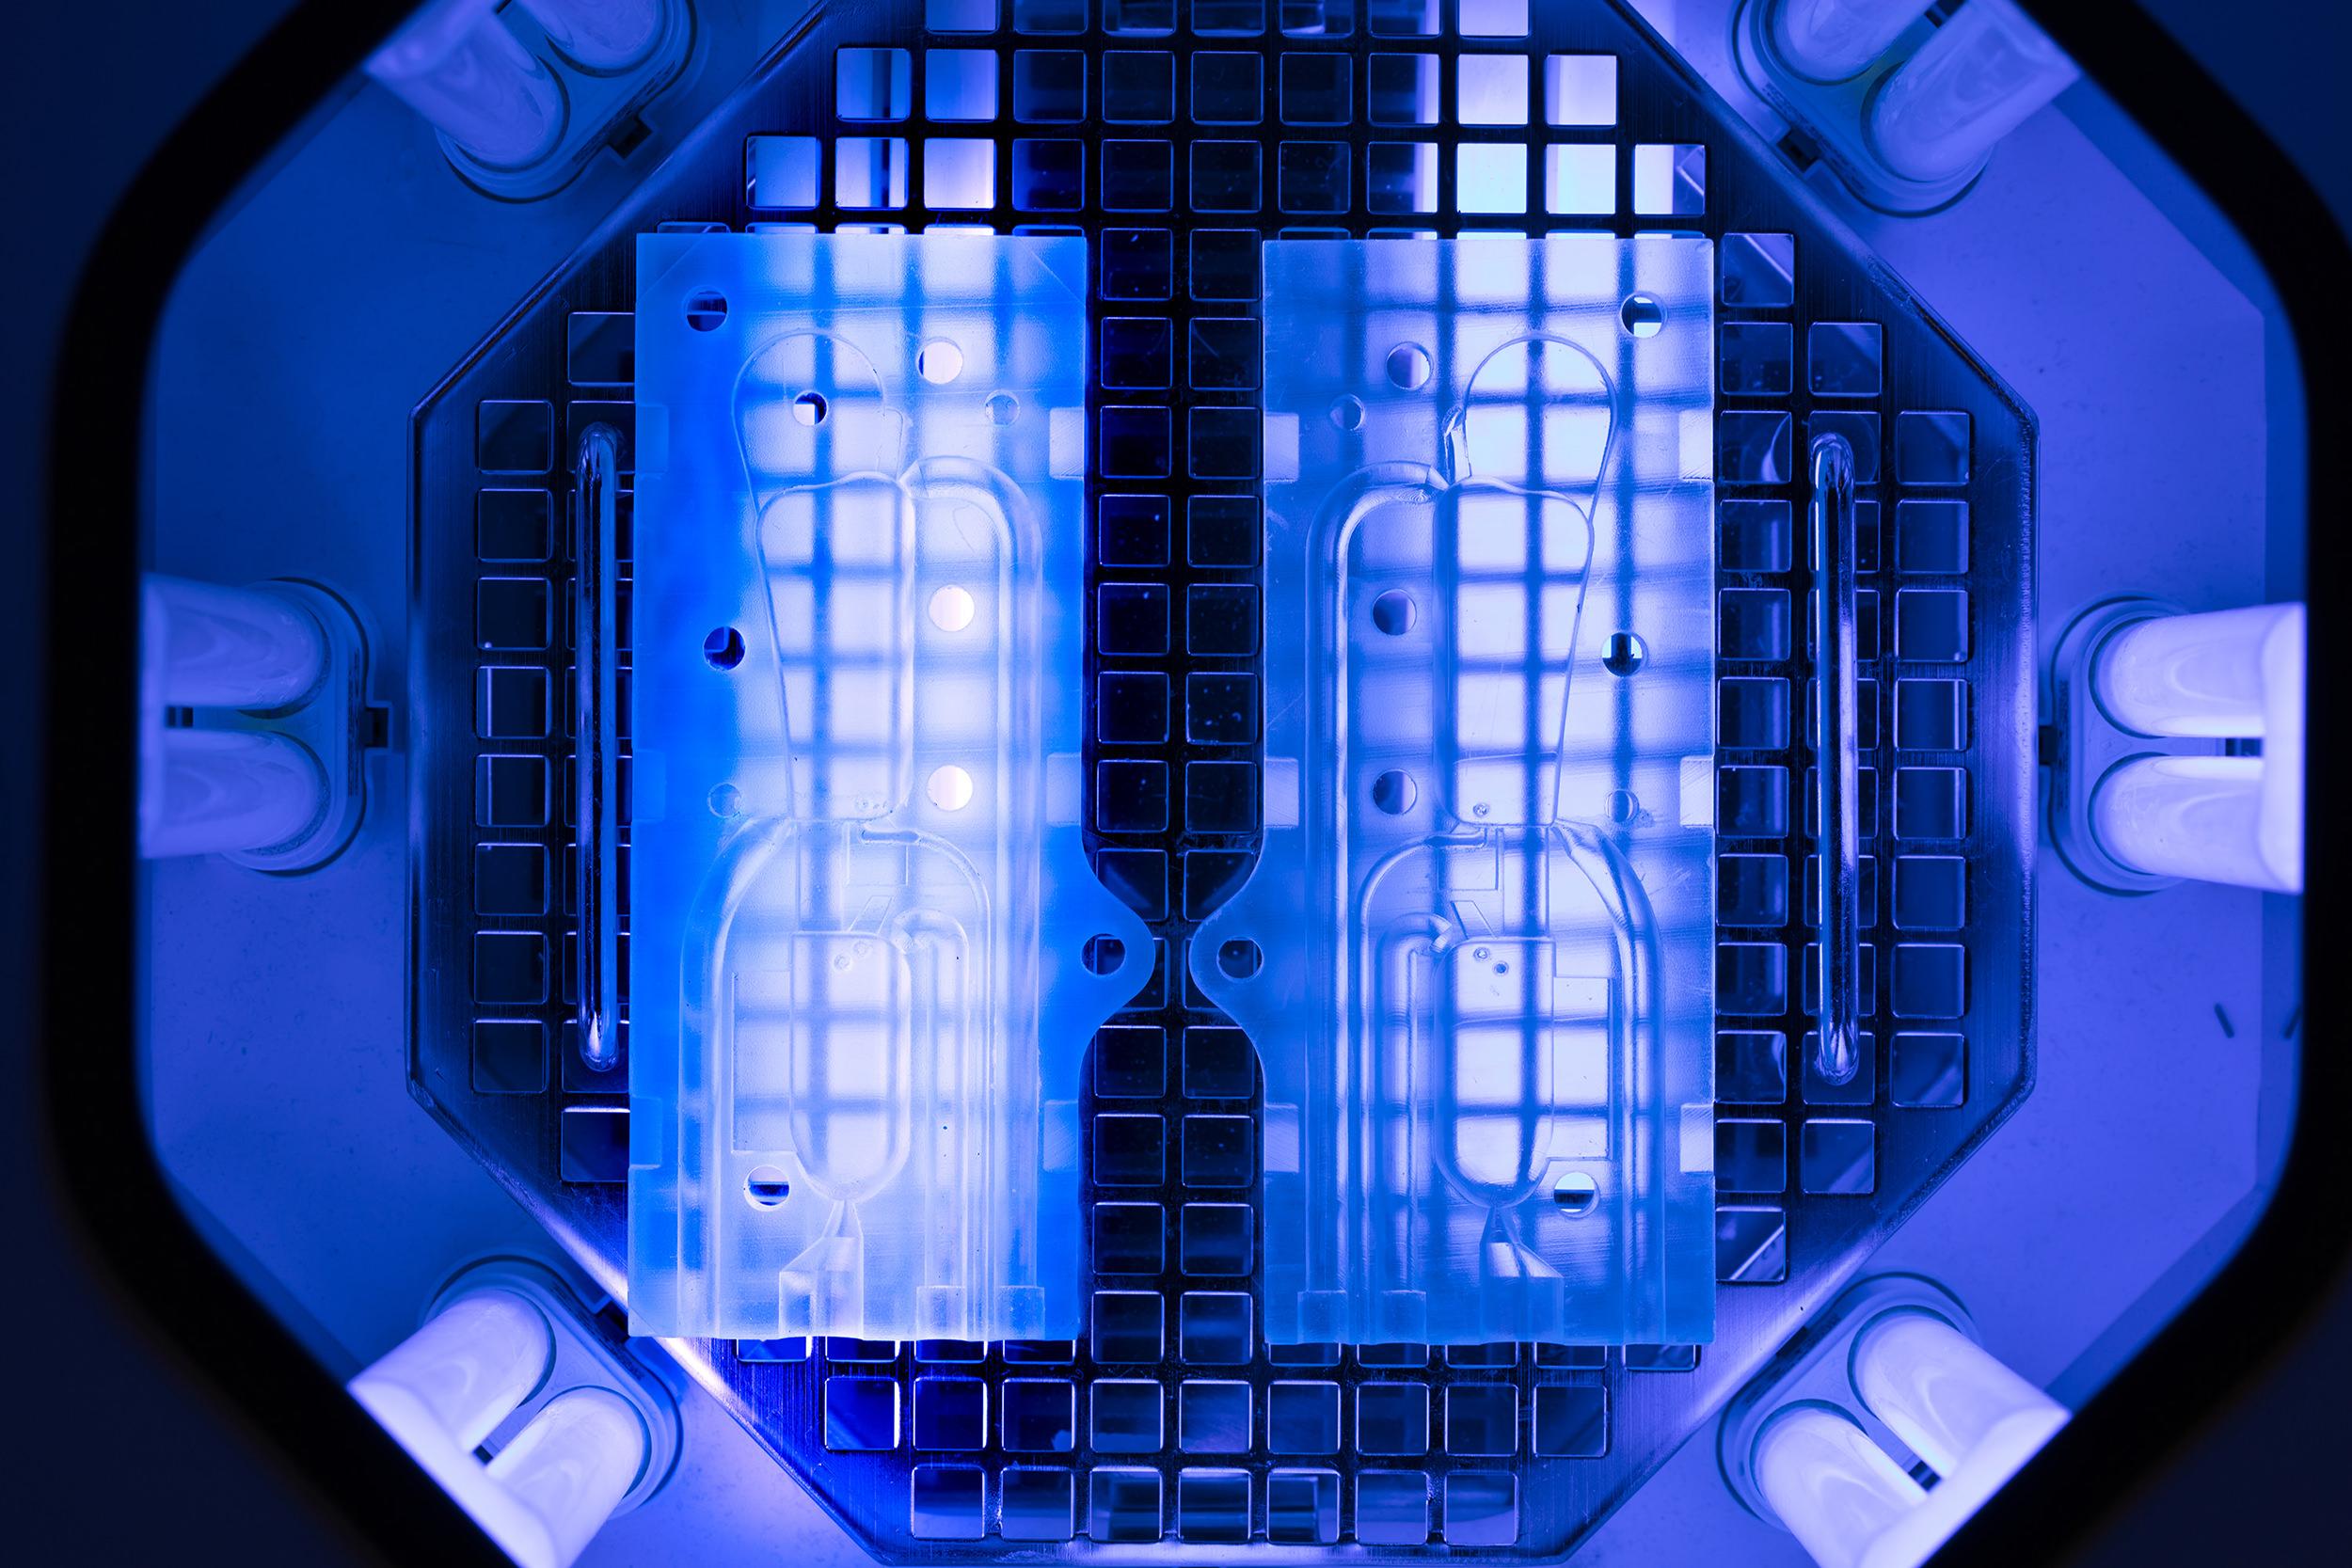 Post-traitement de pièces imprimées en 3D dans une chambre à UV.